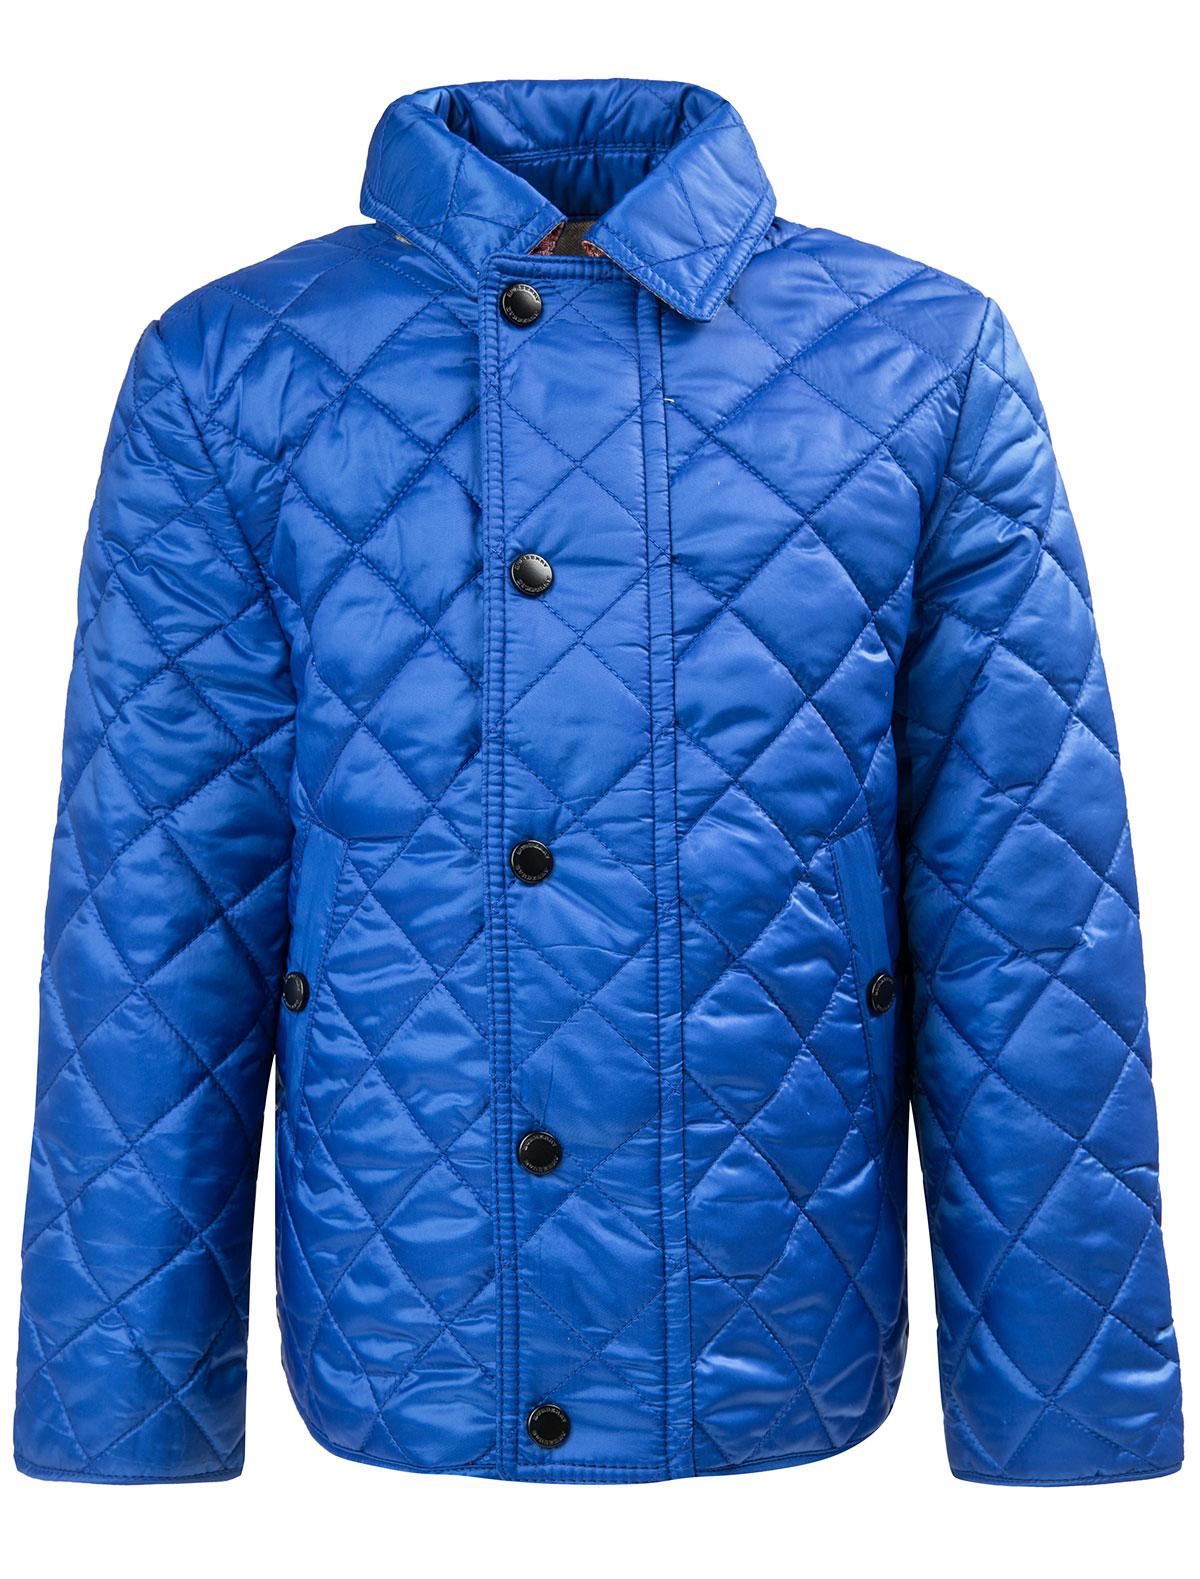 Купить 1873790, Куртка Burberry, синий, Мужской, 1071419770029